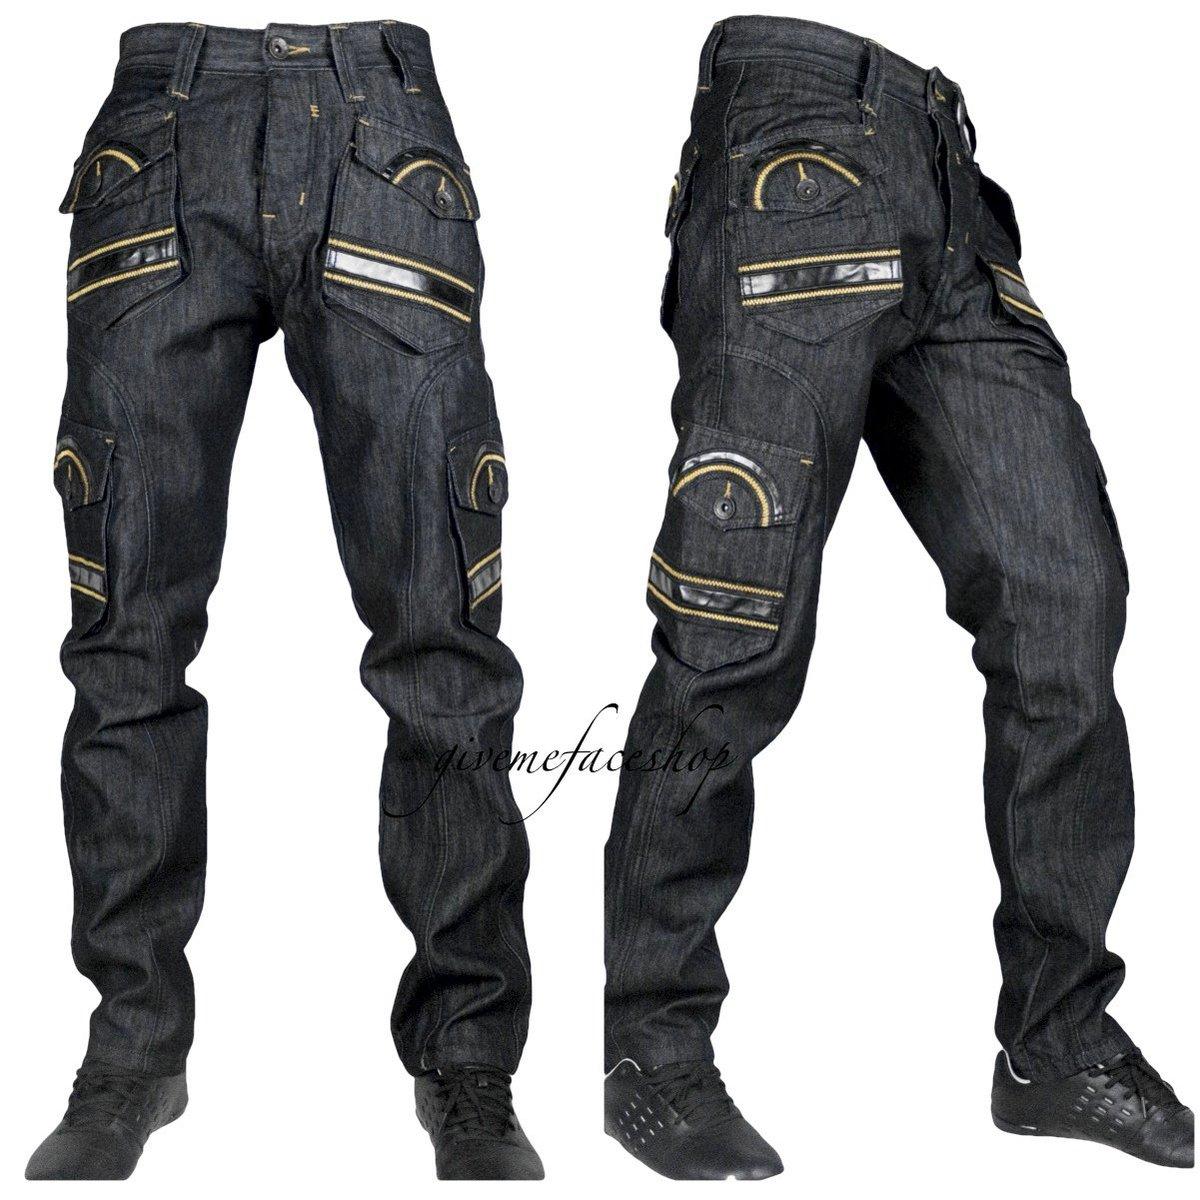 22e1e25fd65a38 Mens faux leather combat jeans http://www.ebay.co.uk/itm/Peviani-Mens-combat -g-jeans-club-cargo-black-rock-star-denim-pants-hip-hop-/201544508962 …